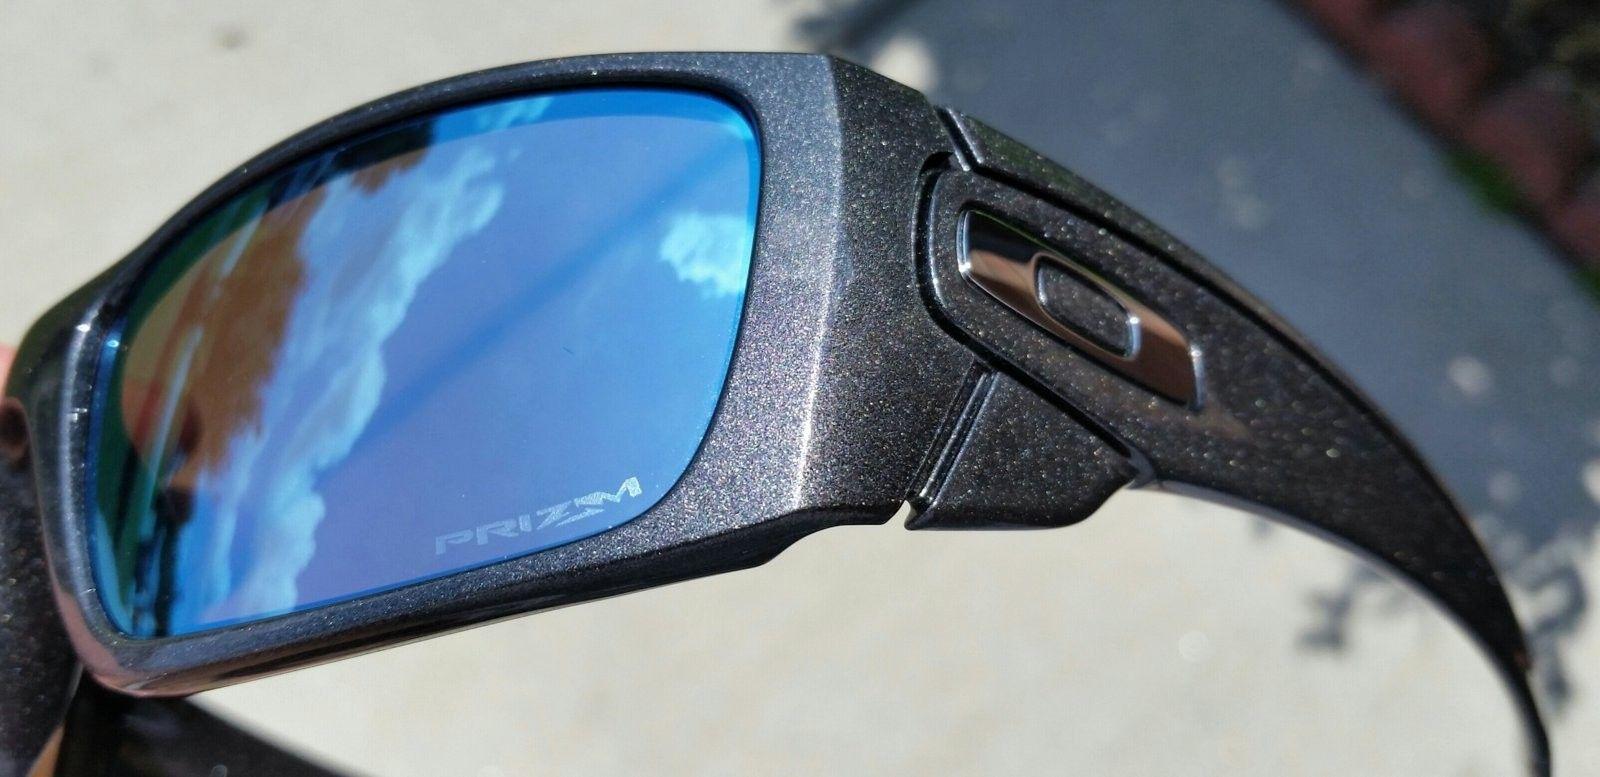 Fuel Cell Granite Frame - 2016-08-02 15.18.22.jpg